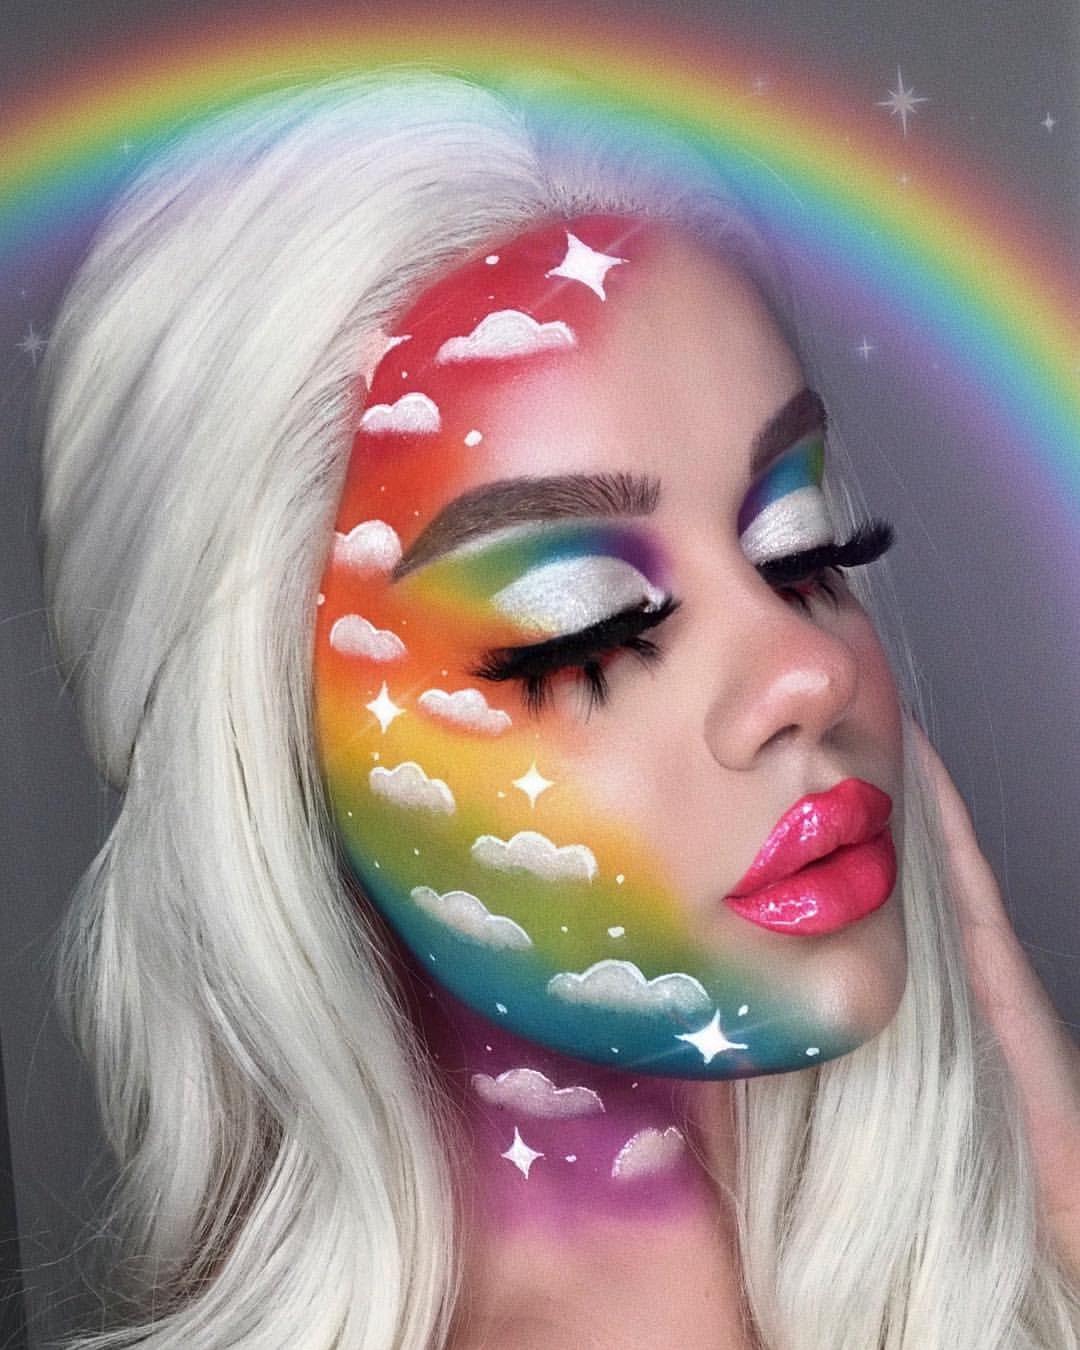 Pinterest Odiegracee Creative Makeup Looks Artistry Makeup Face Art Makeup